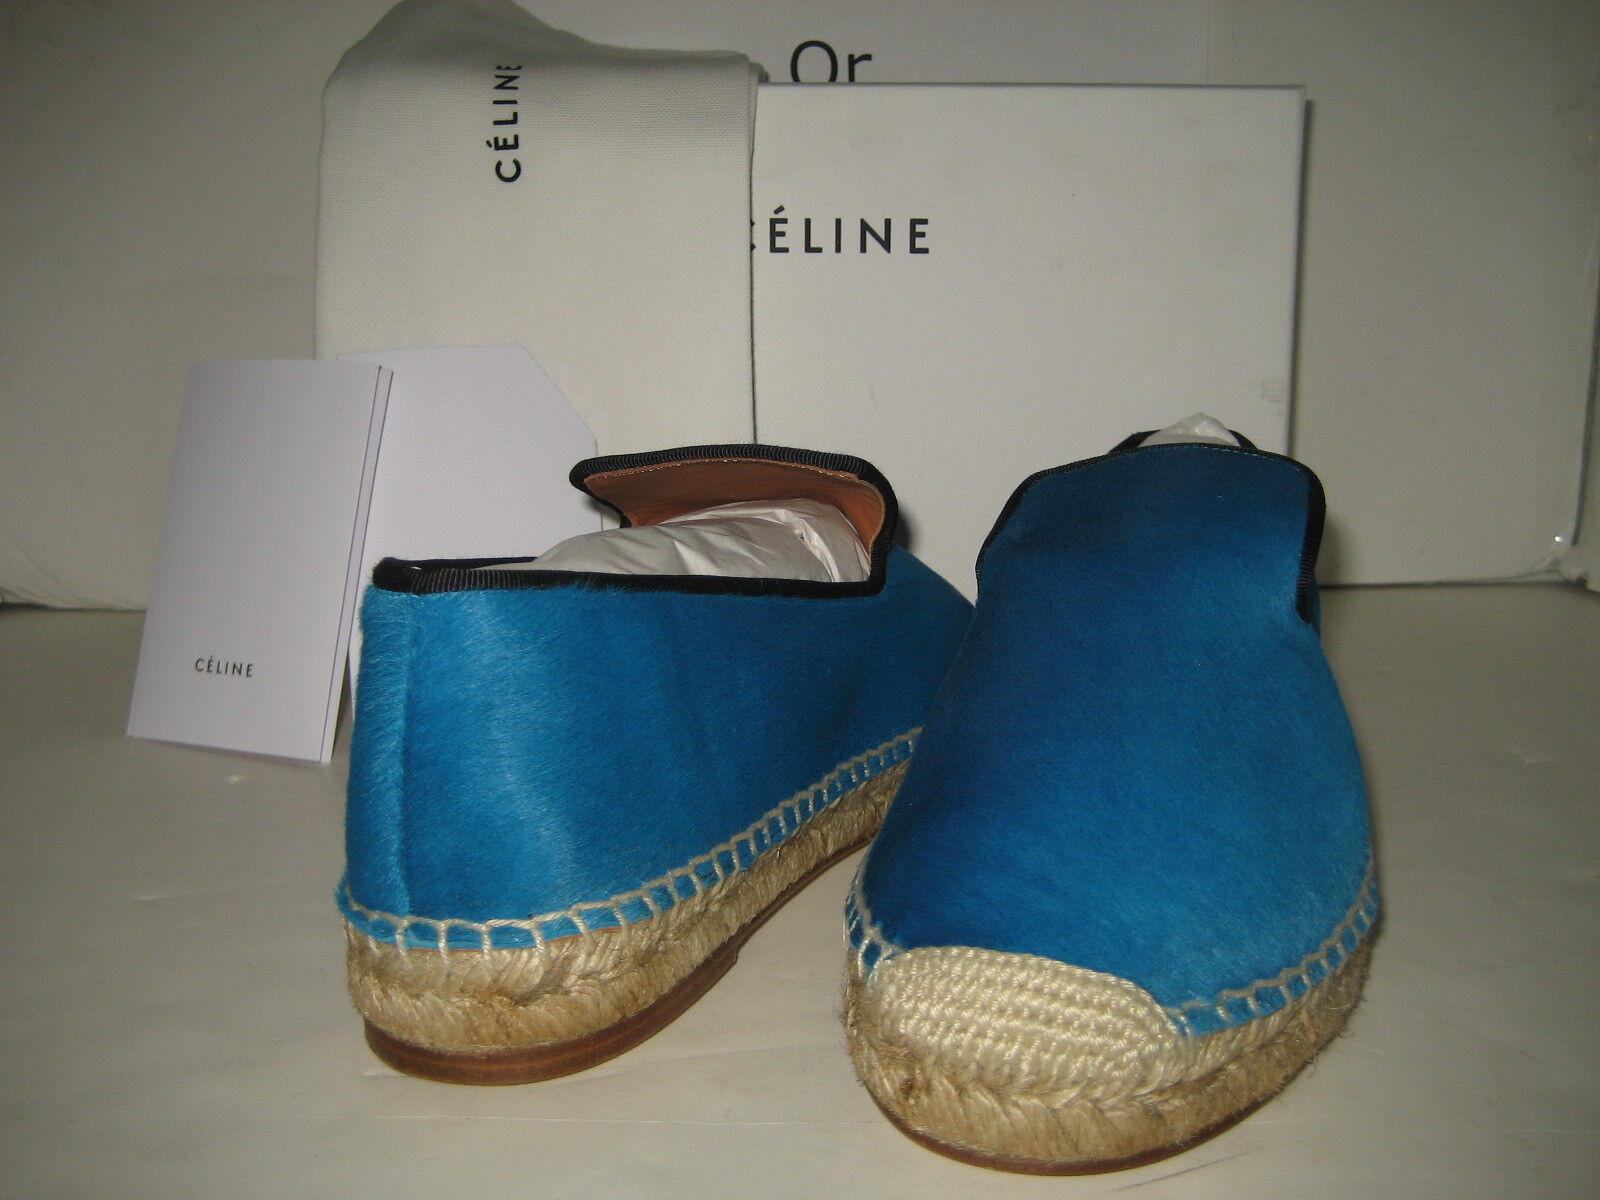 950 950 950 Nueva Celine US 10 EU 40 Turquesa Pony Cabello Zapato Mocasín Sin Cordones Zapatos  calidad garantizada